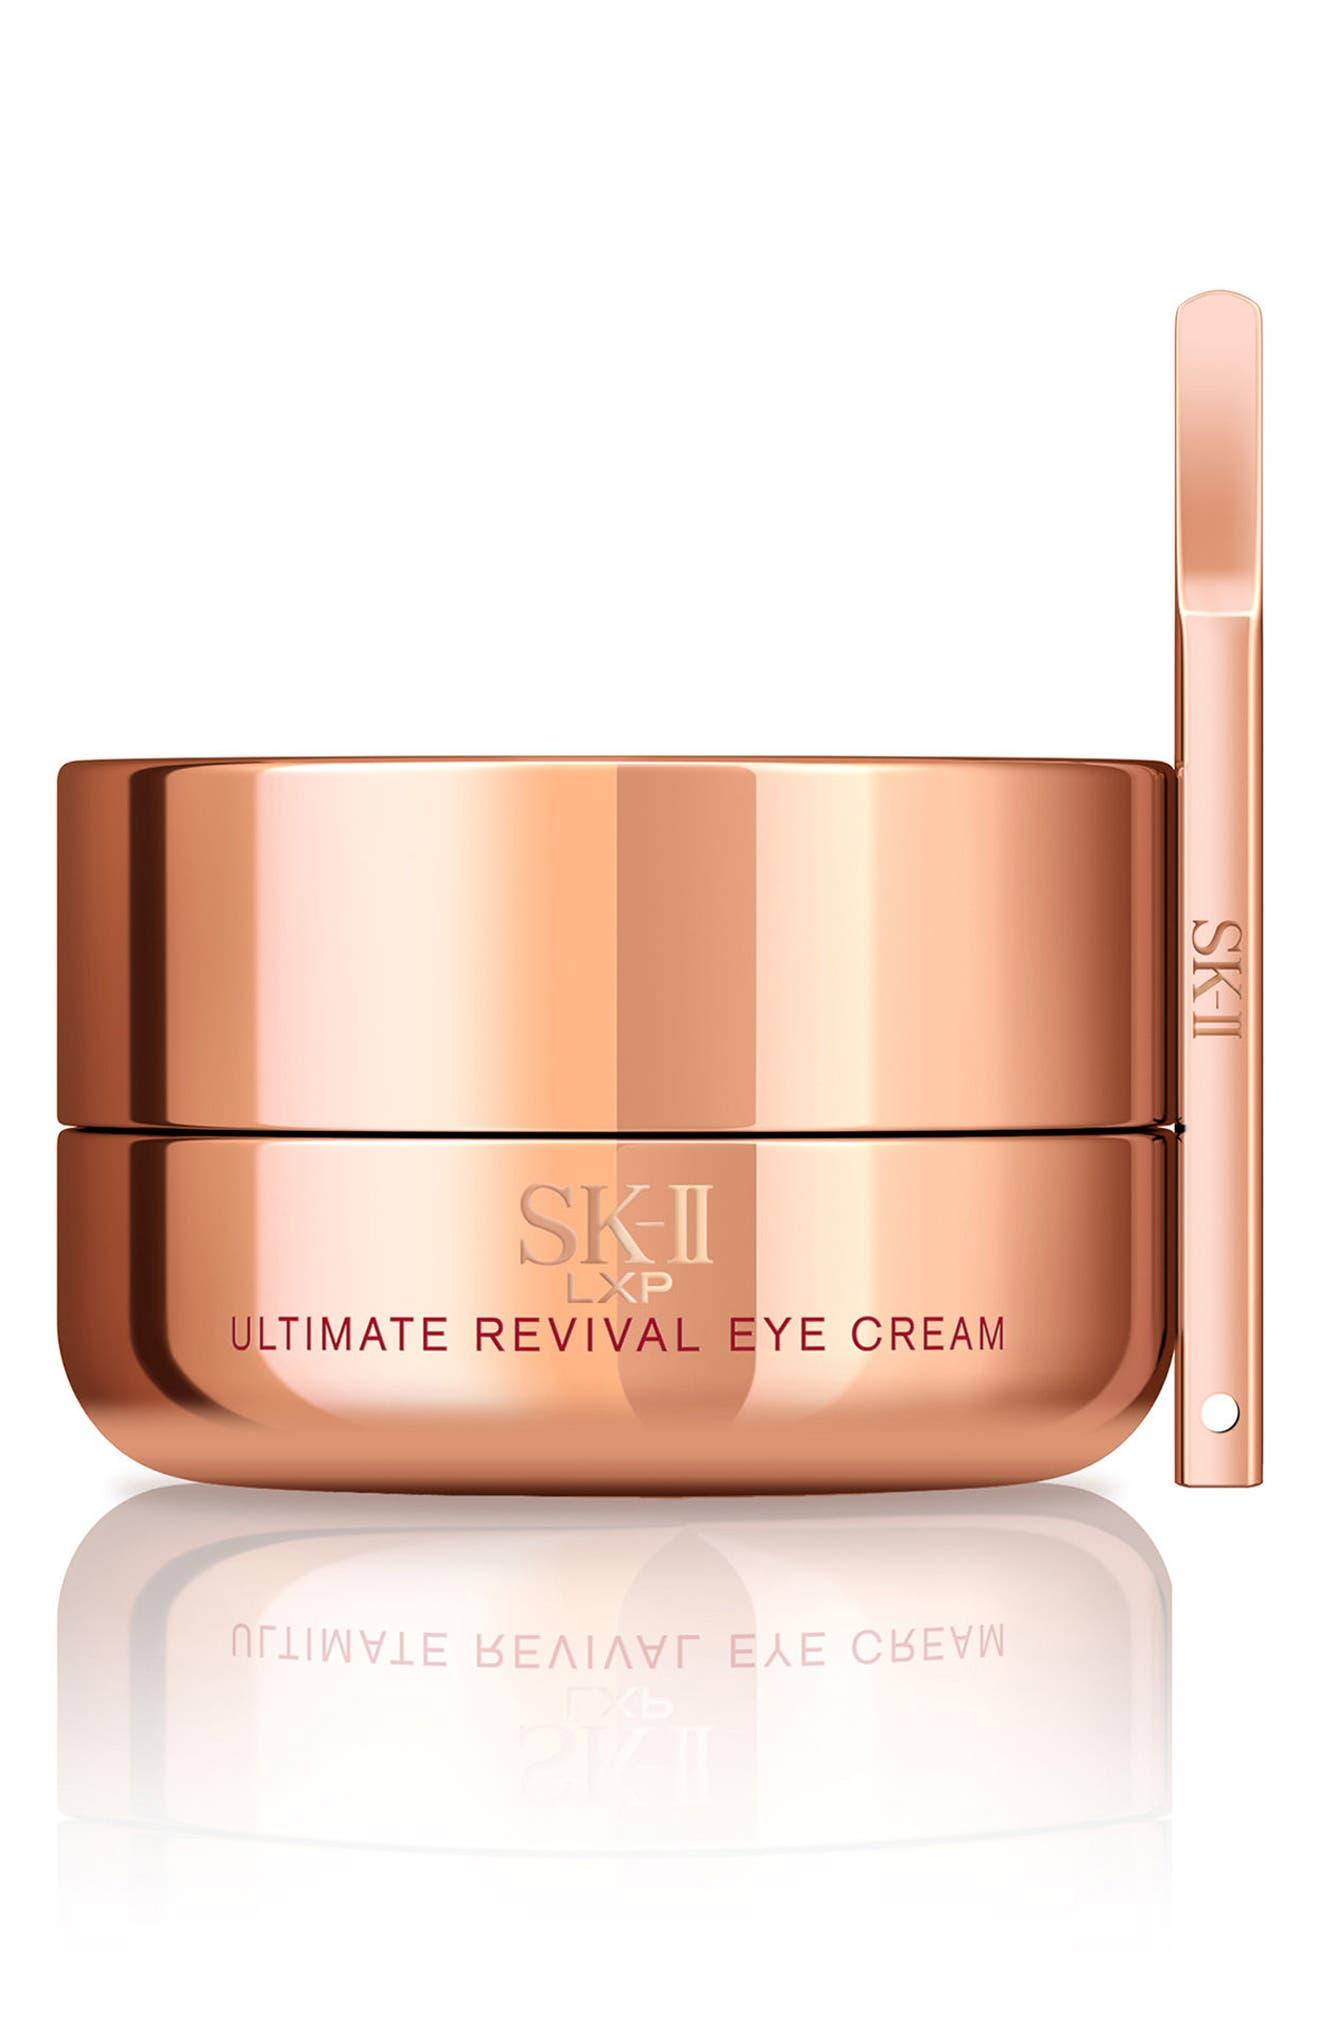 SK-II,                             LXP Ultimate Revival Eye Cream,                             Main thumbnail 1, color,                             NO COLOR